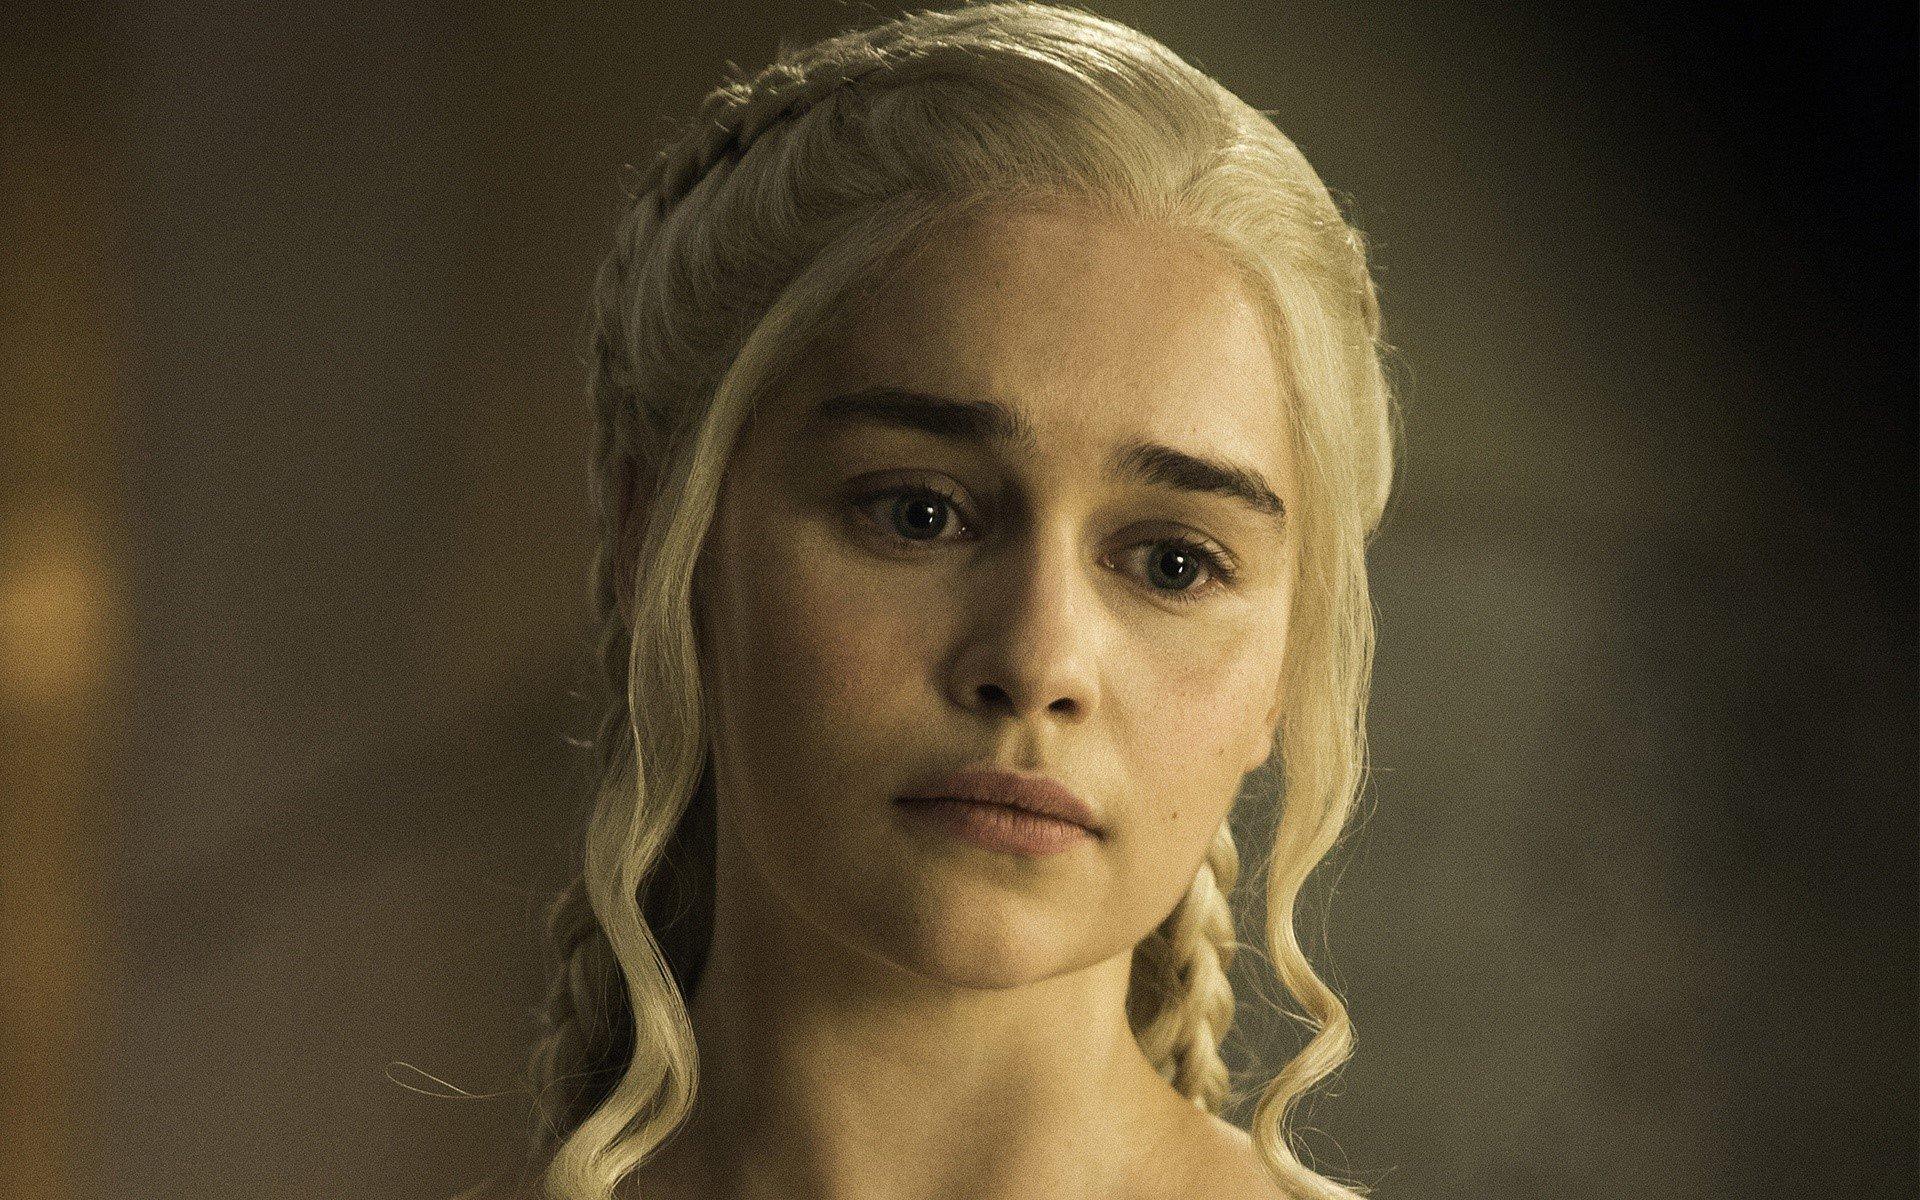 Fondo de pantalla de Emilia Clarke como Daenerys en Juego de tronos Imágenes